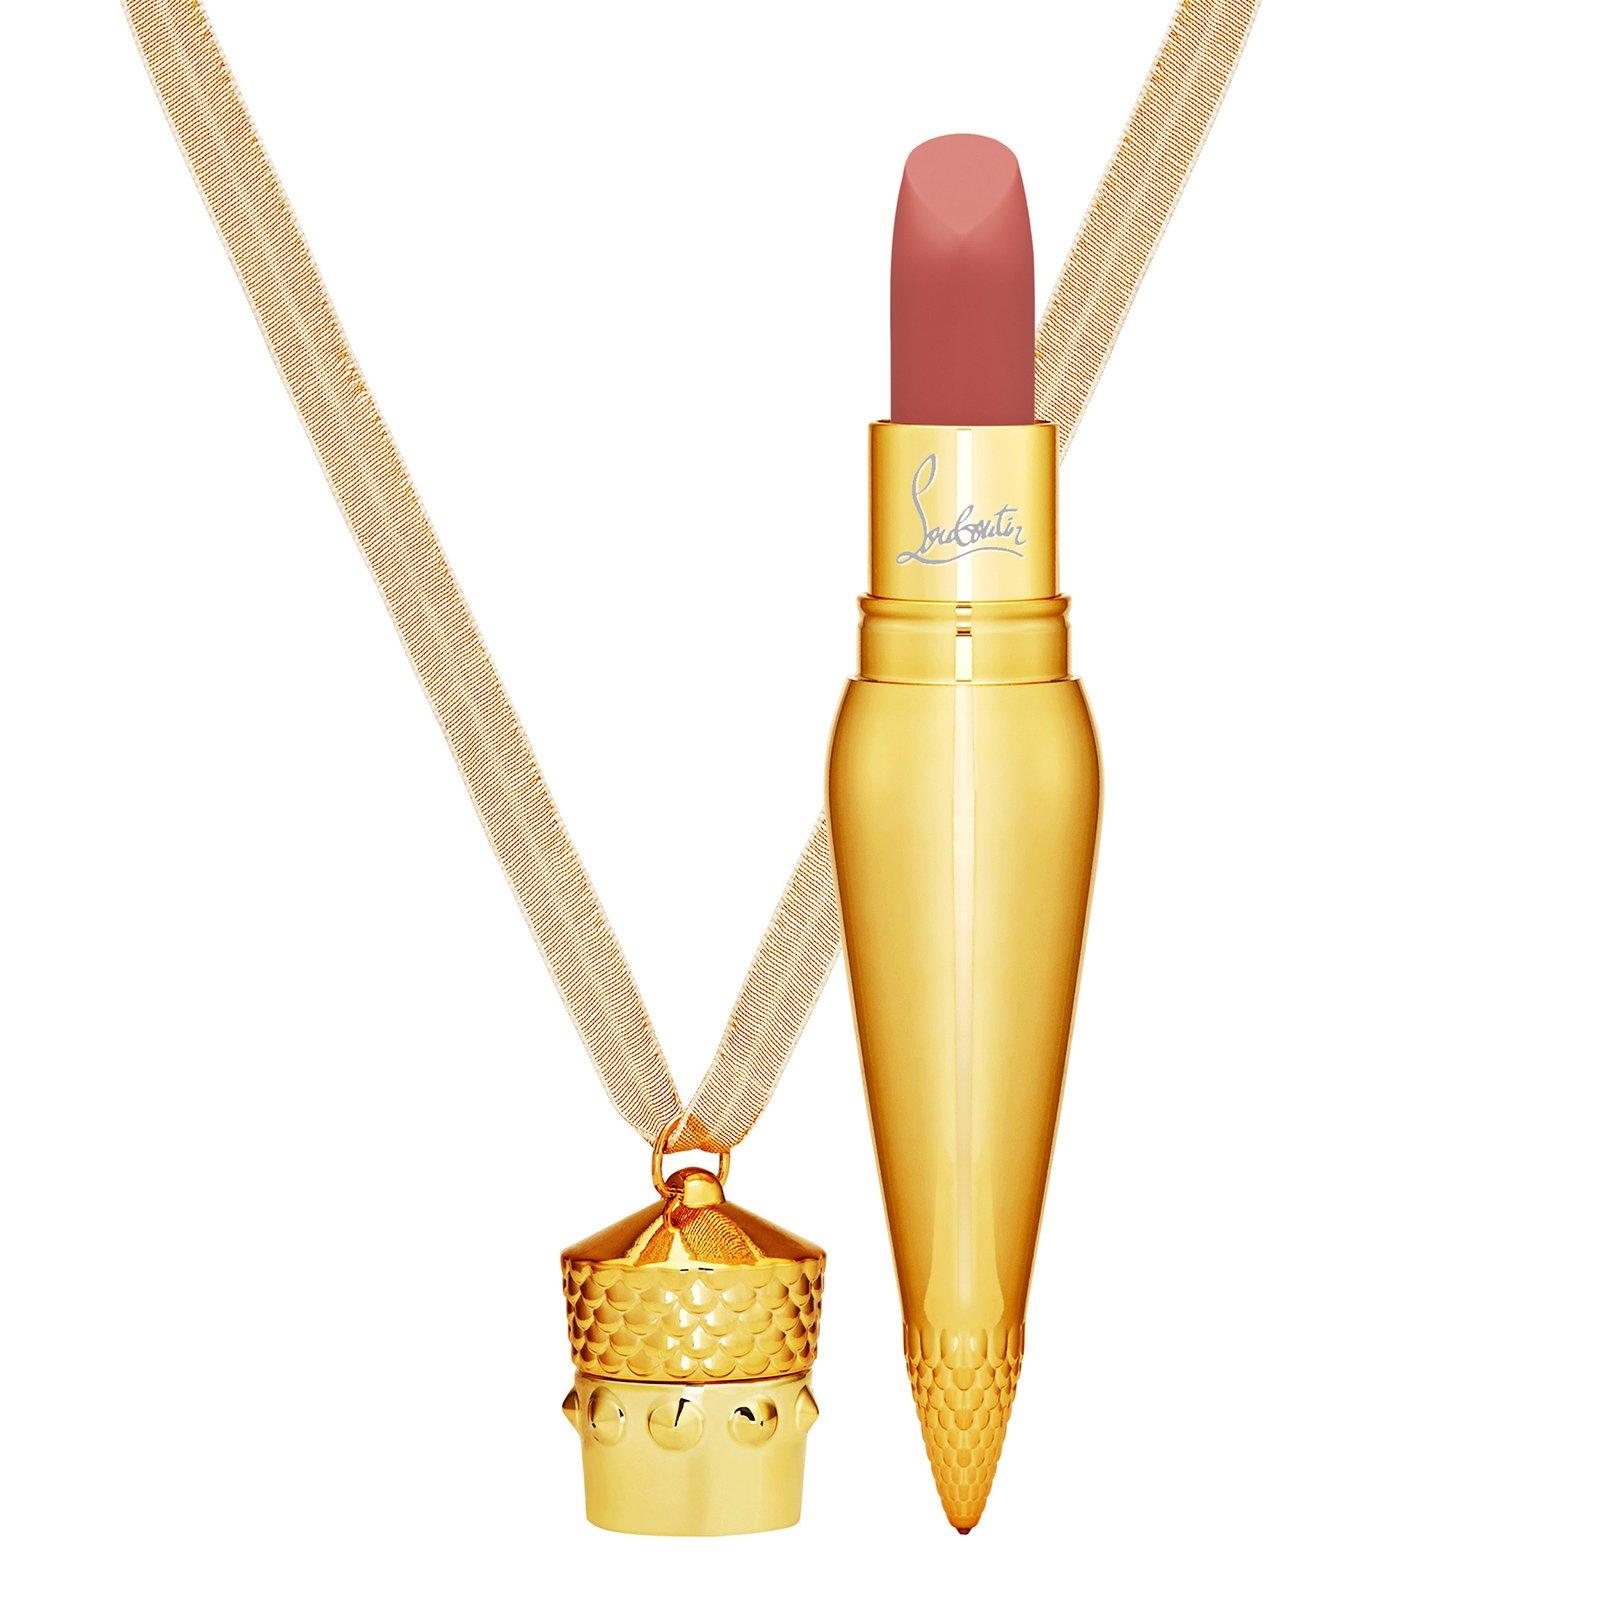 louboutin cosmetics